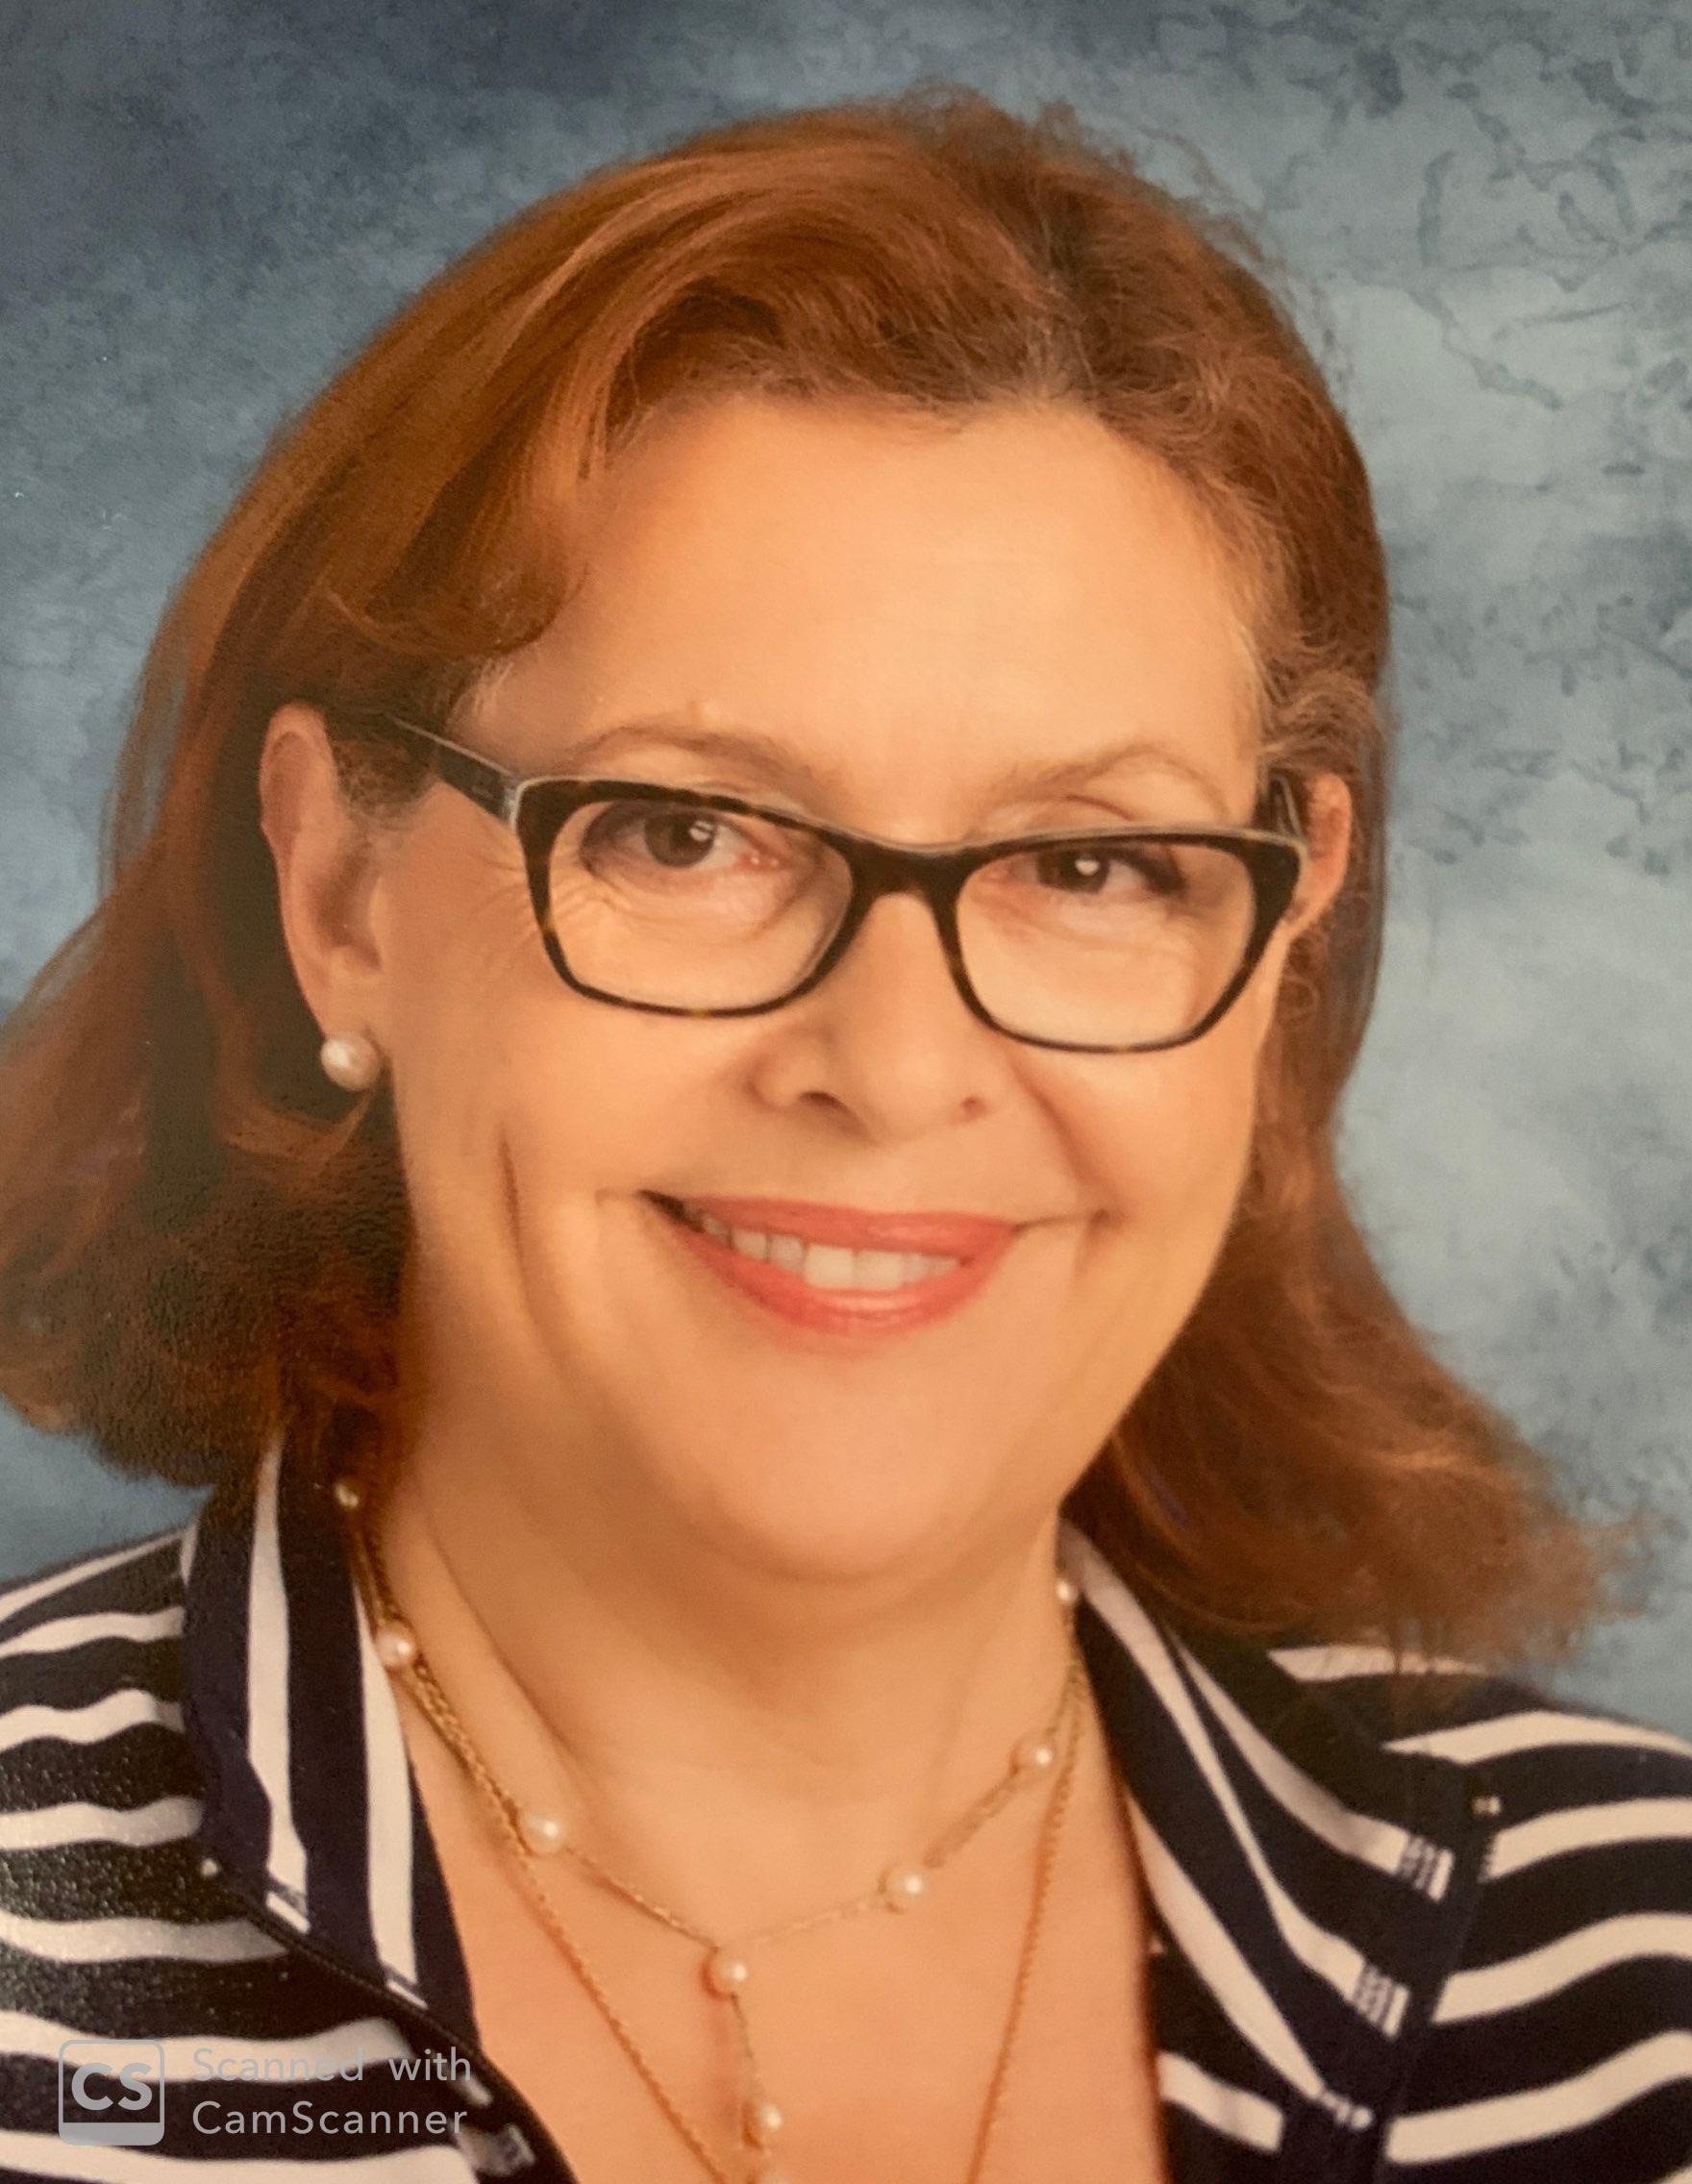 Nadia Kermouche